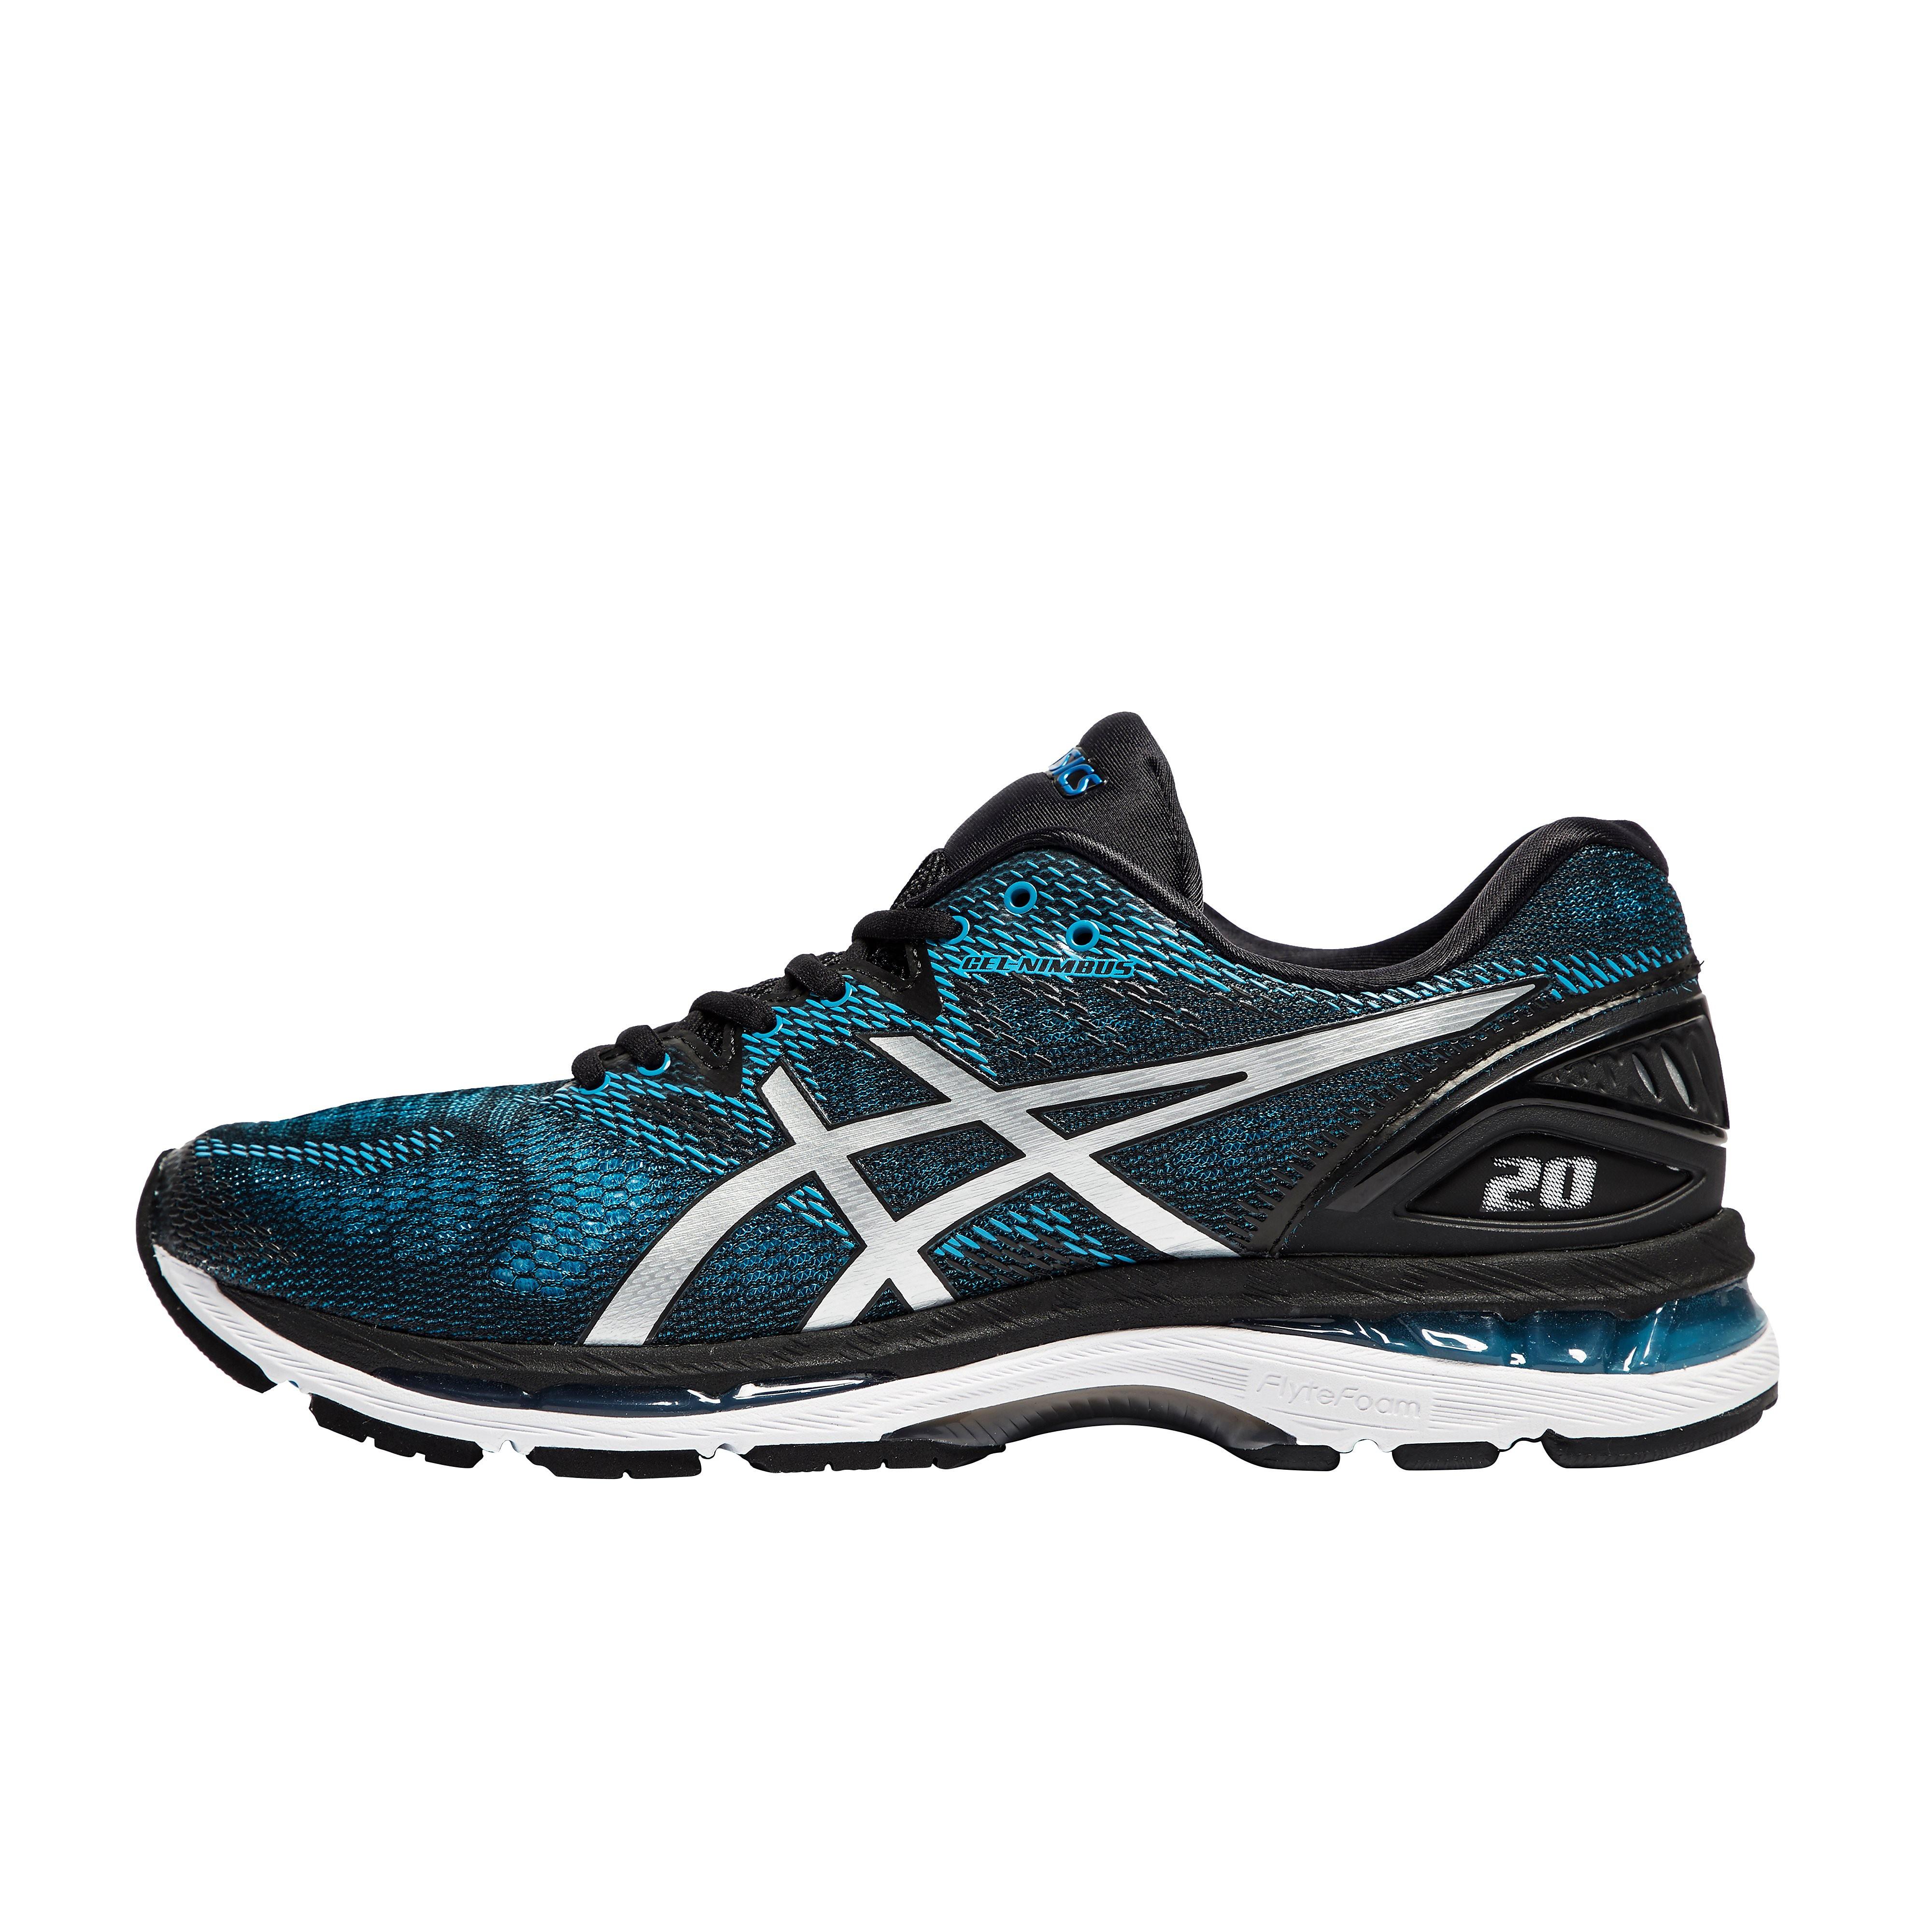 ASICS Gel-Nimbus 20 Men's Running Shoe